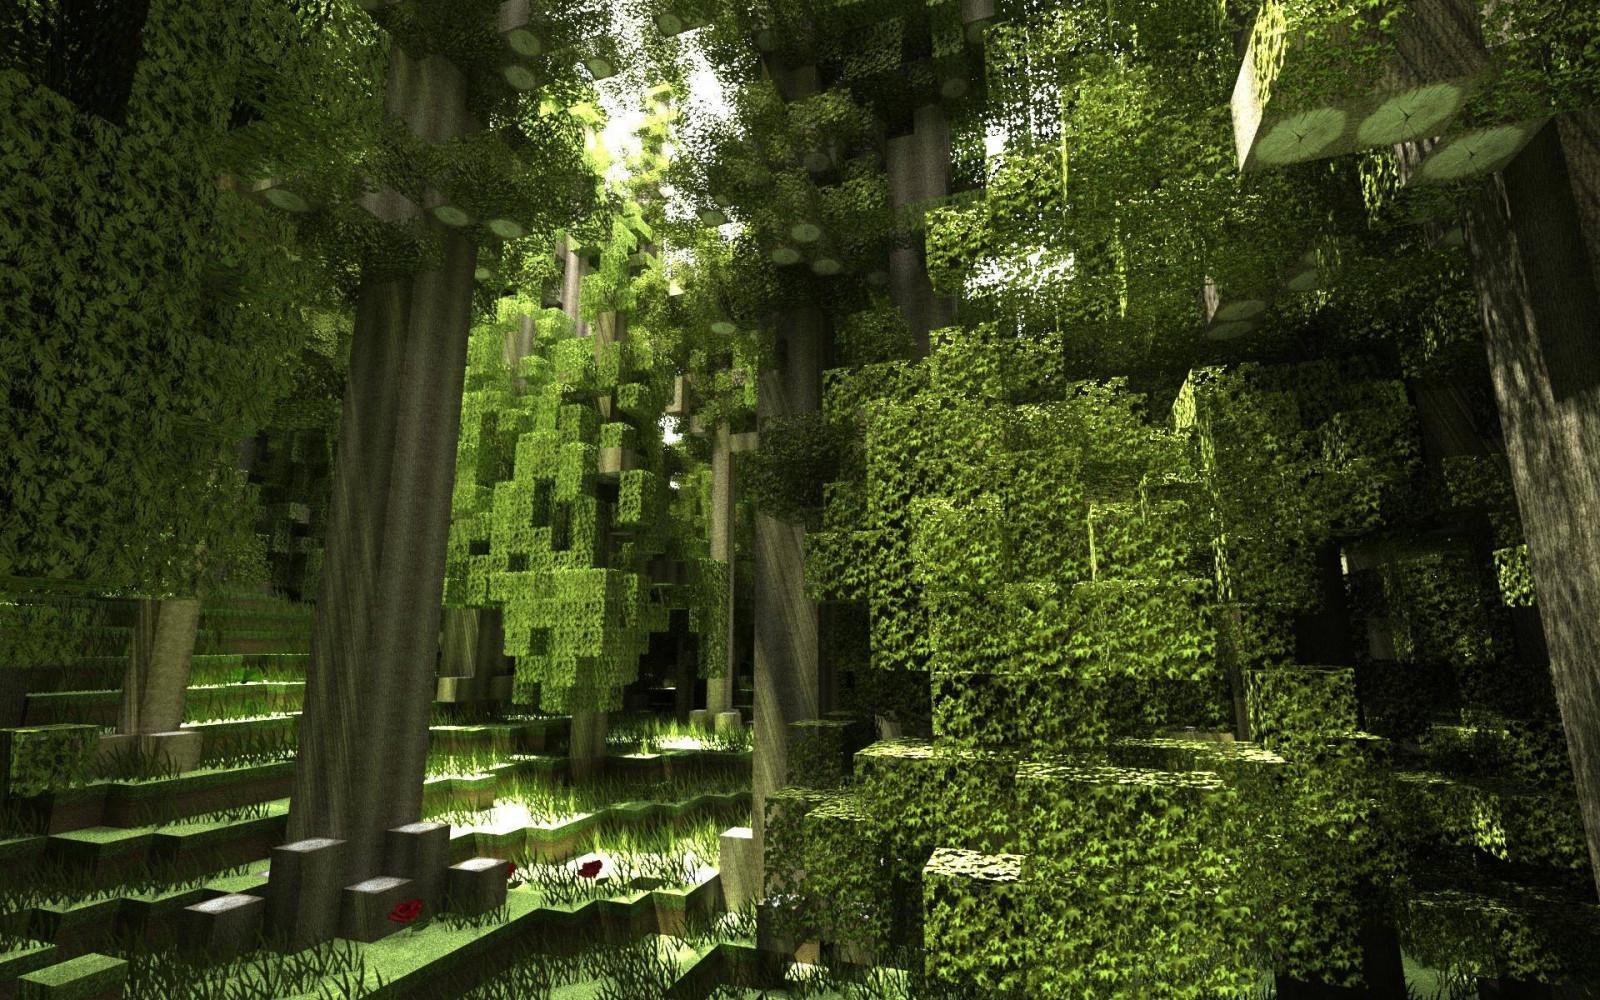 Wonderful Wallpaper Minecraft Forest - Minecraft_render_screen_shot_forest-158510  2018_139337.jpg!d